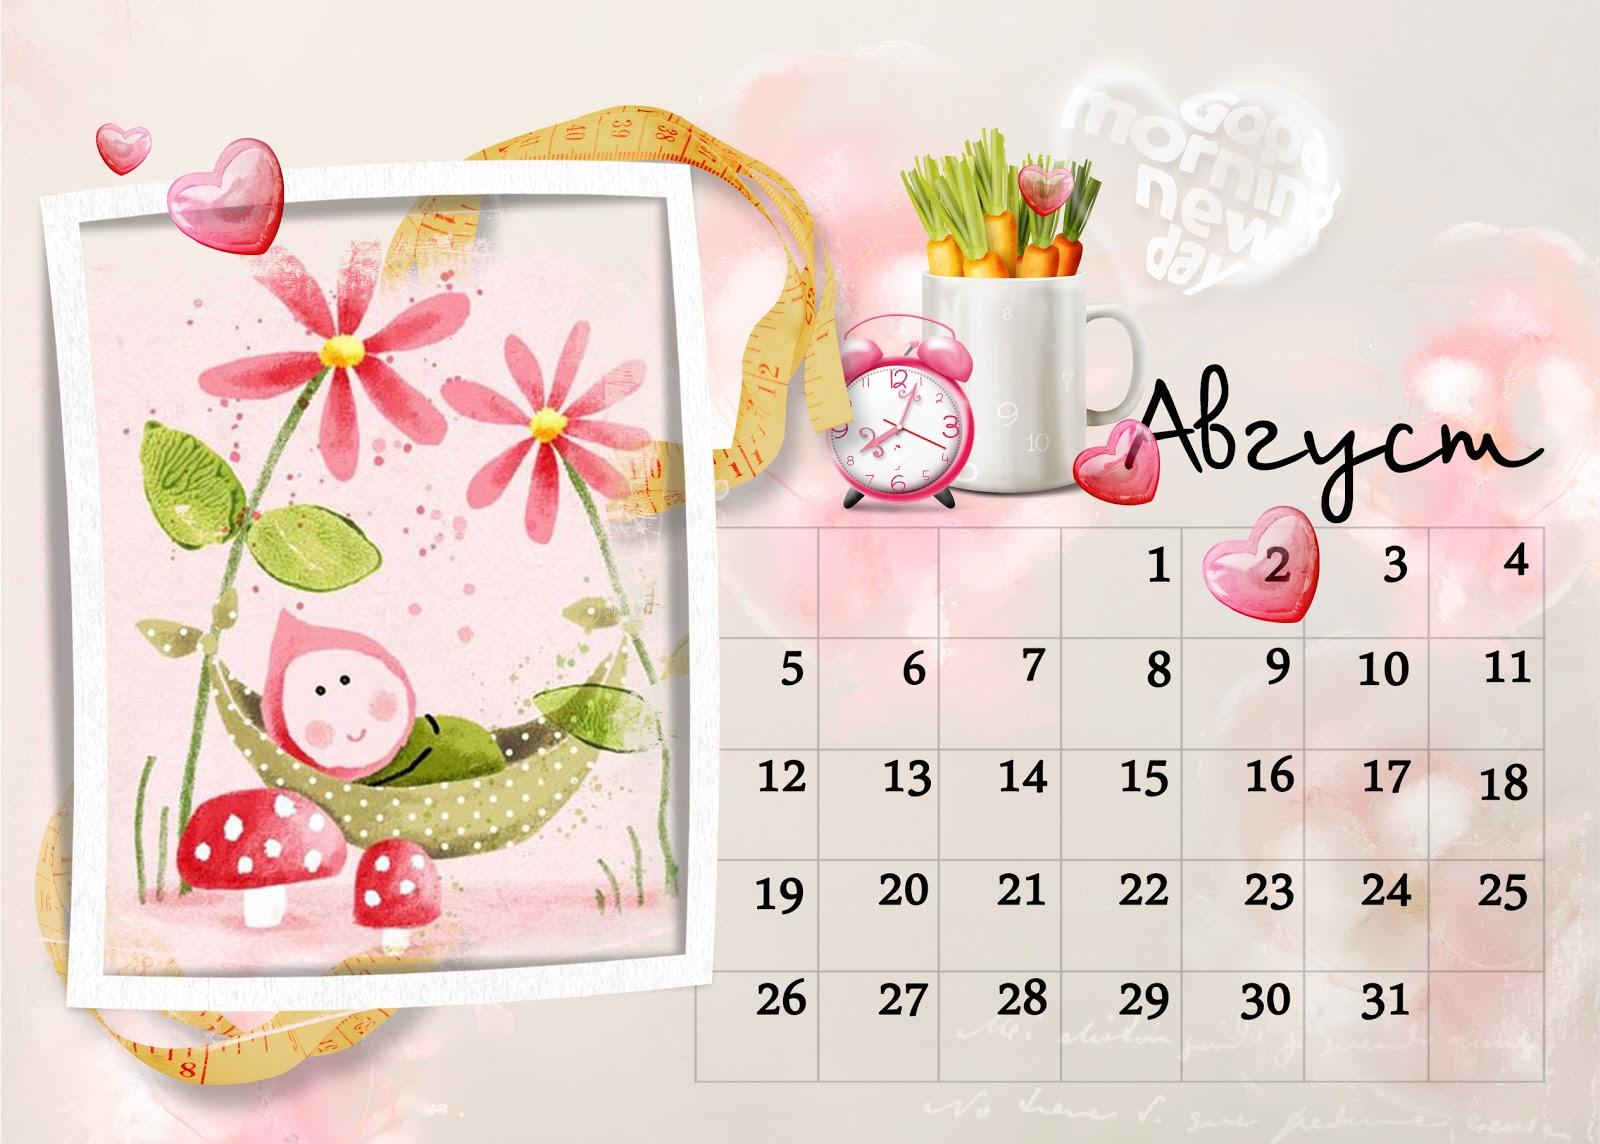 С праздником с 8 марта и днем рождения